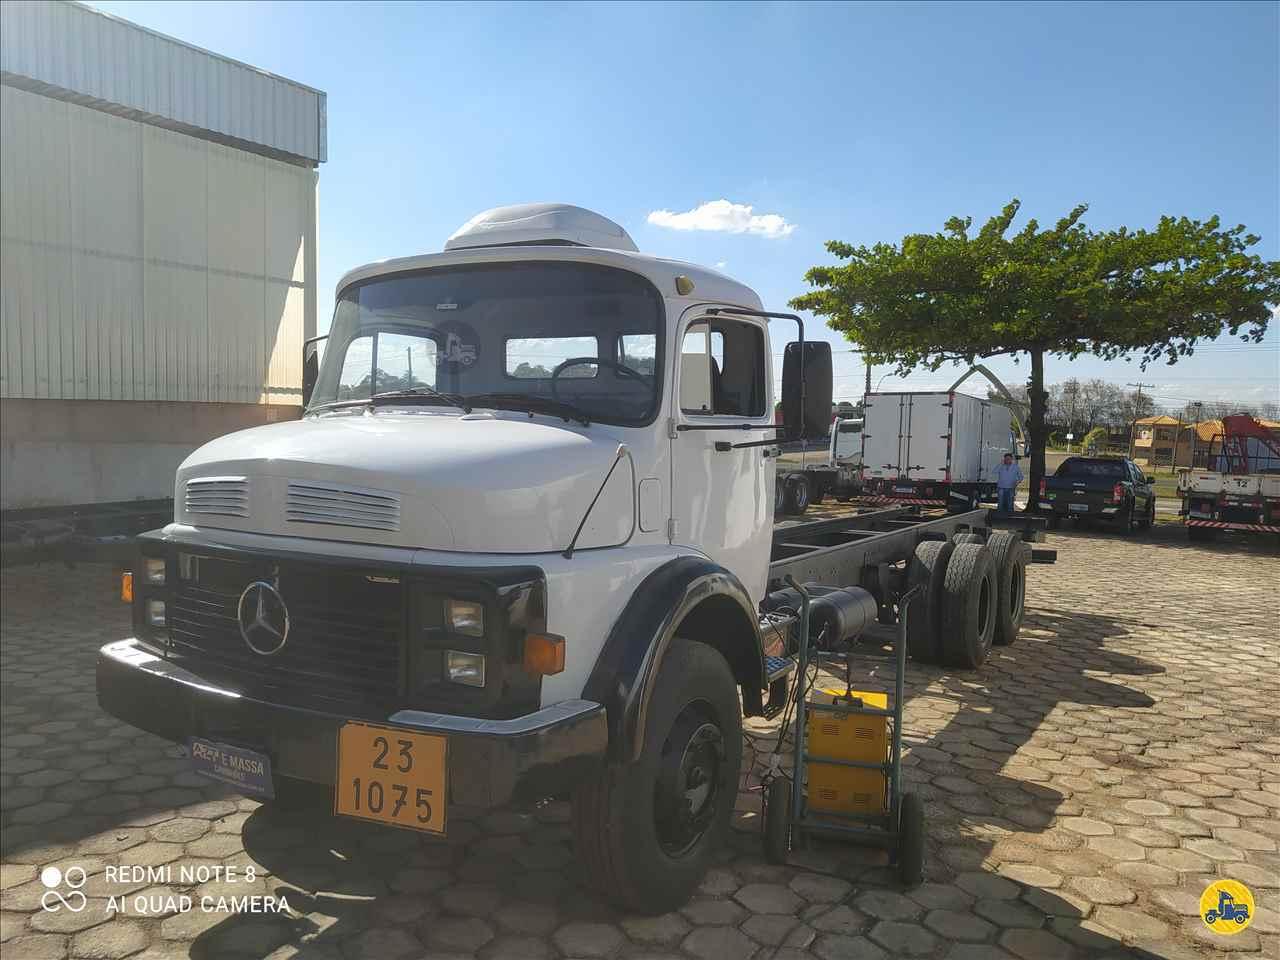 CAMINHAO MERCEDES-BENZ MB 1317 Chassis Truck 6x2 Massa Caminhões SAO MANUEL SÃO PAULO SP